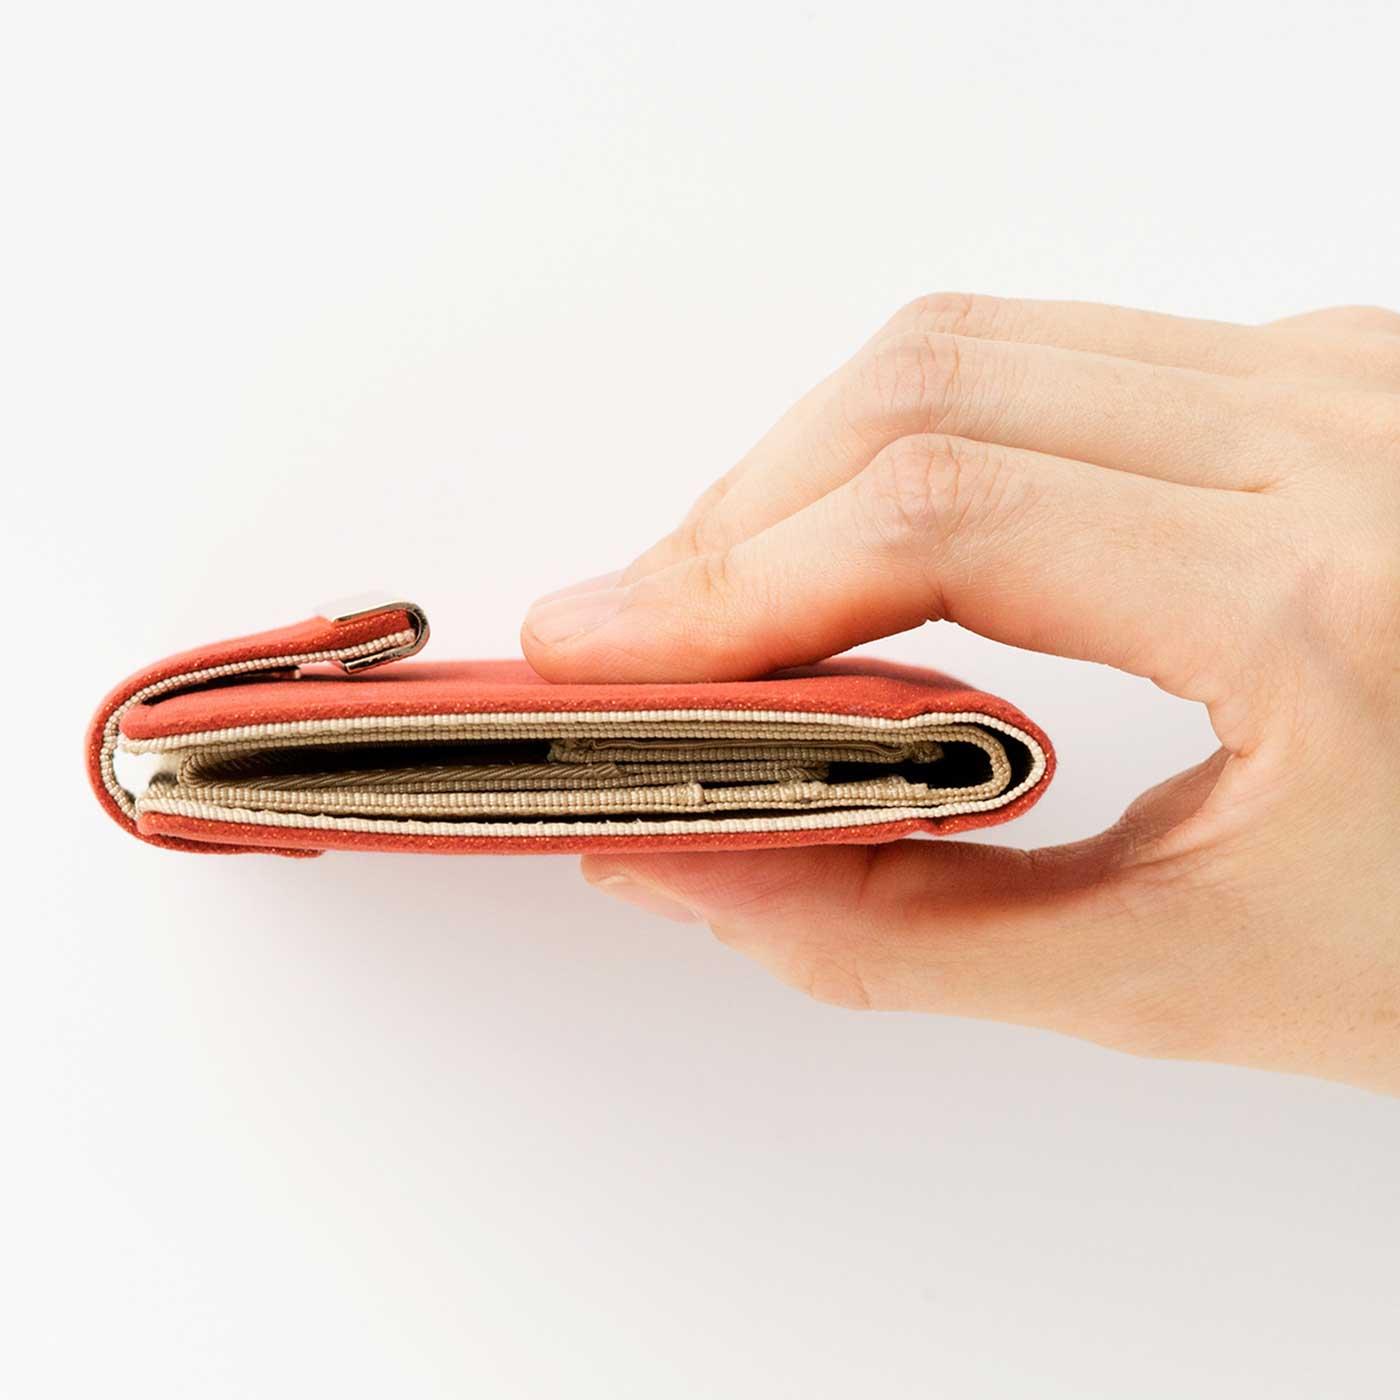 〔こんなに薄い!〕クラッチバッグやミニバッグ、ボトムスのポケットにだってすっぽり入るサイズ。